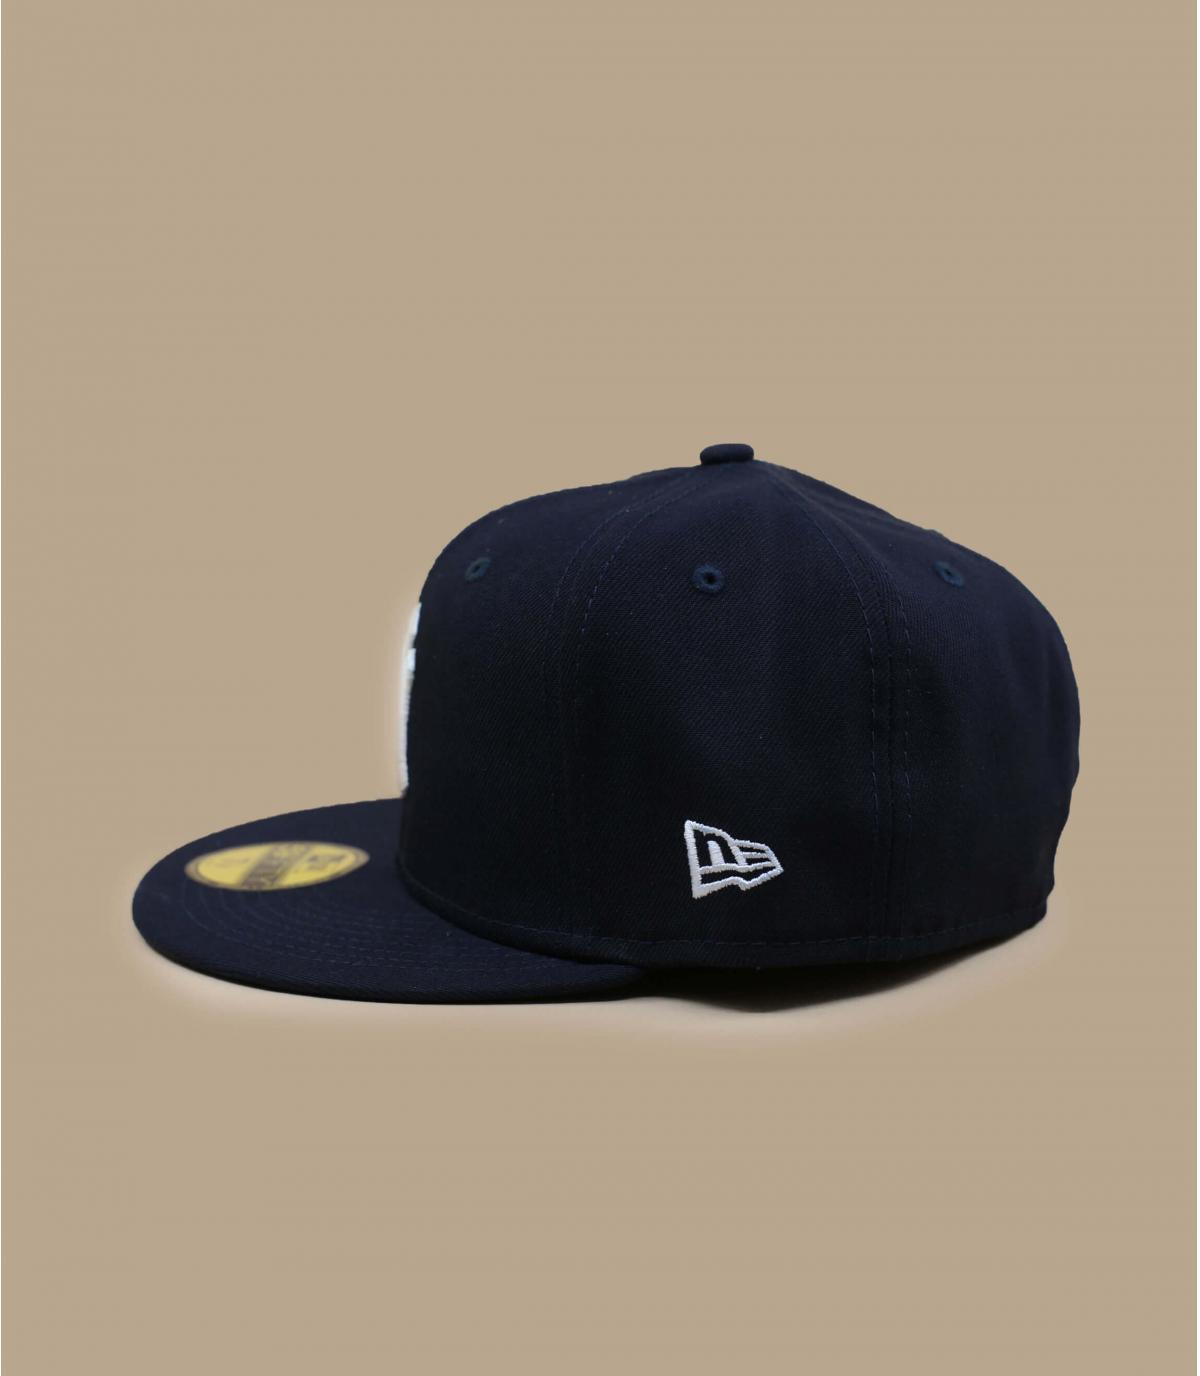 cappellino NY5950